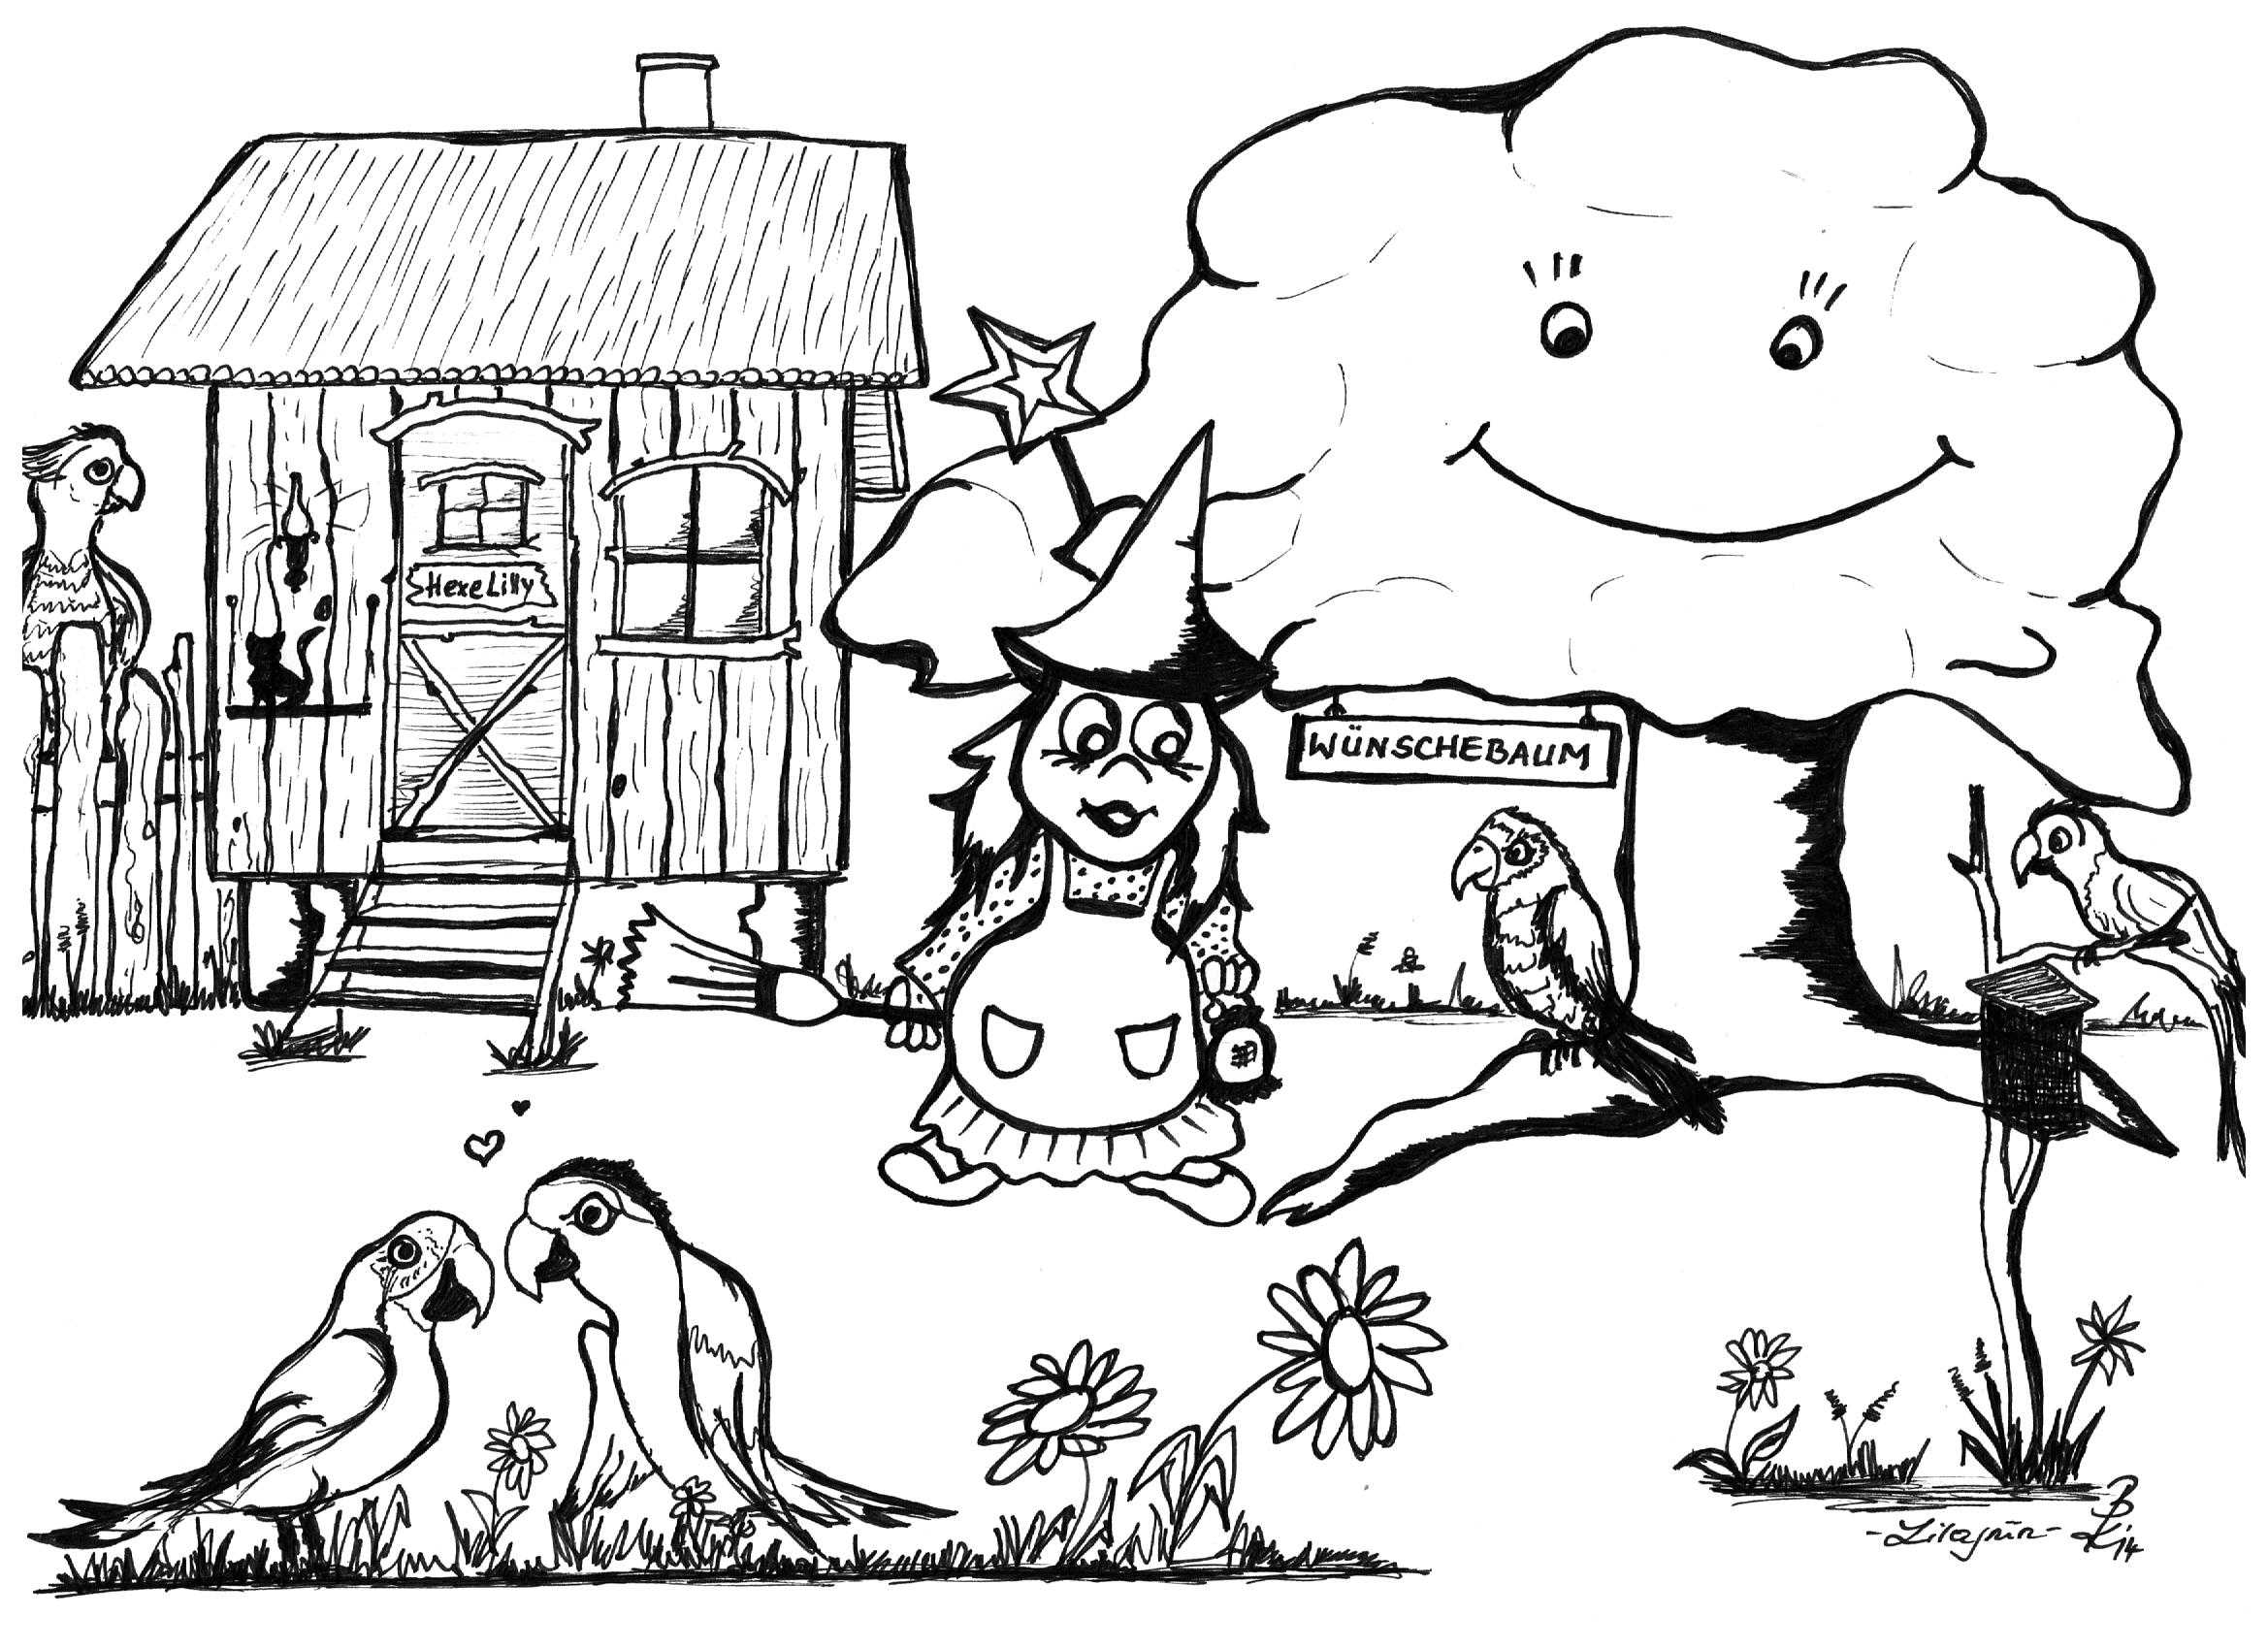 Lilli Wünschebaum Kinderanimation mit Tieren